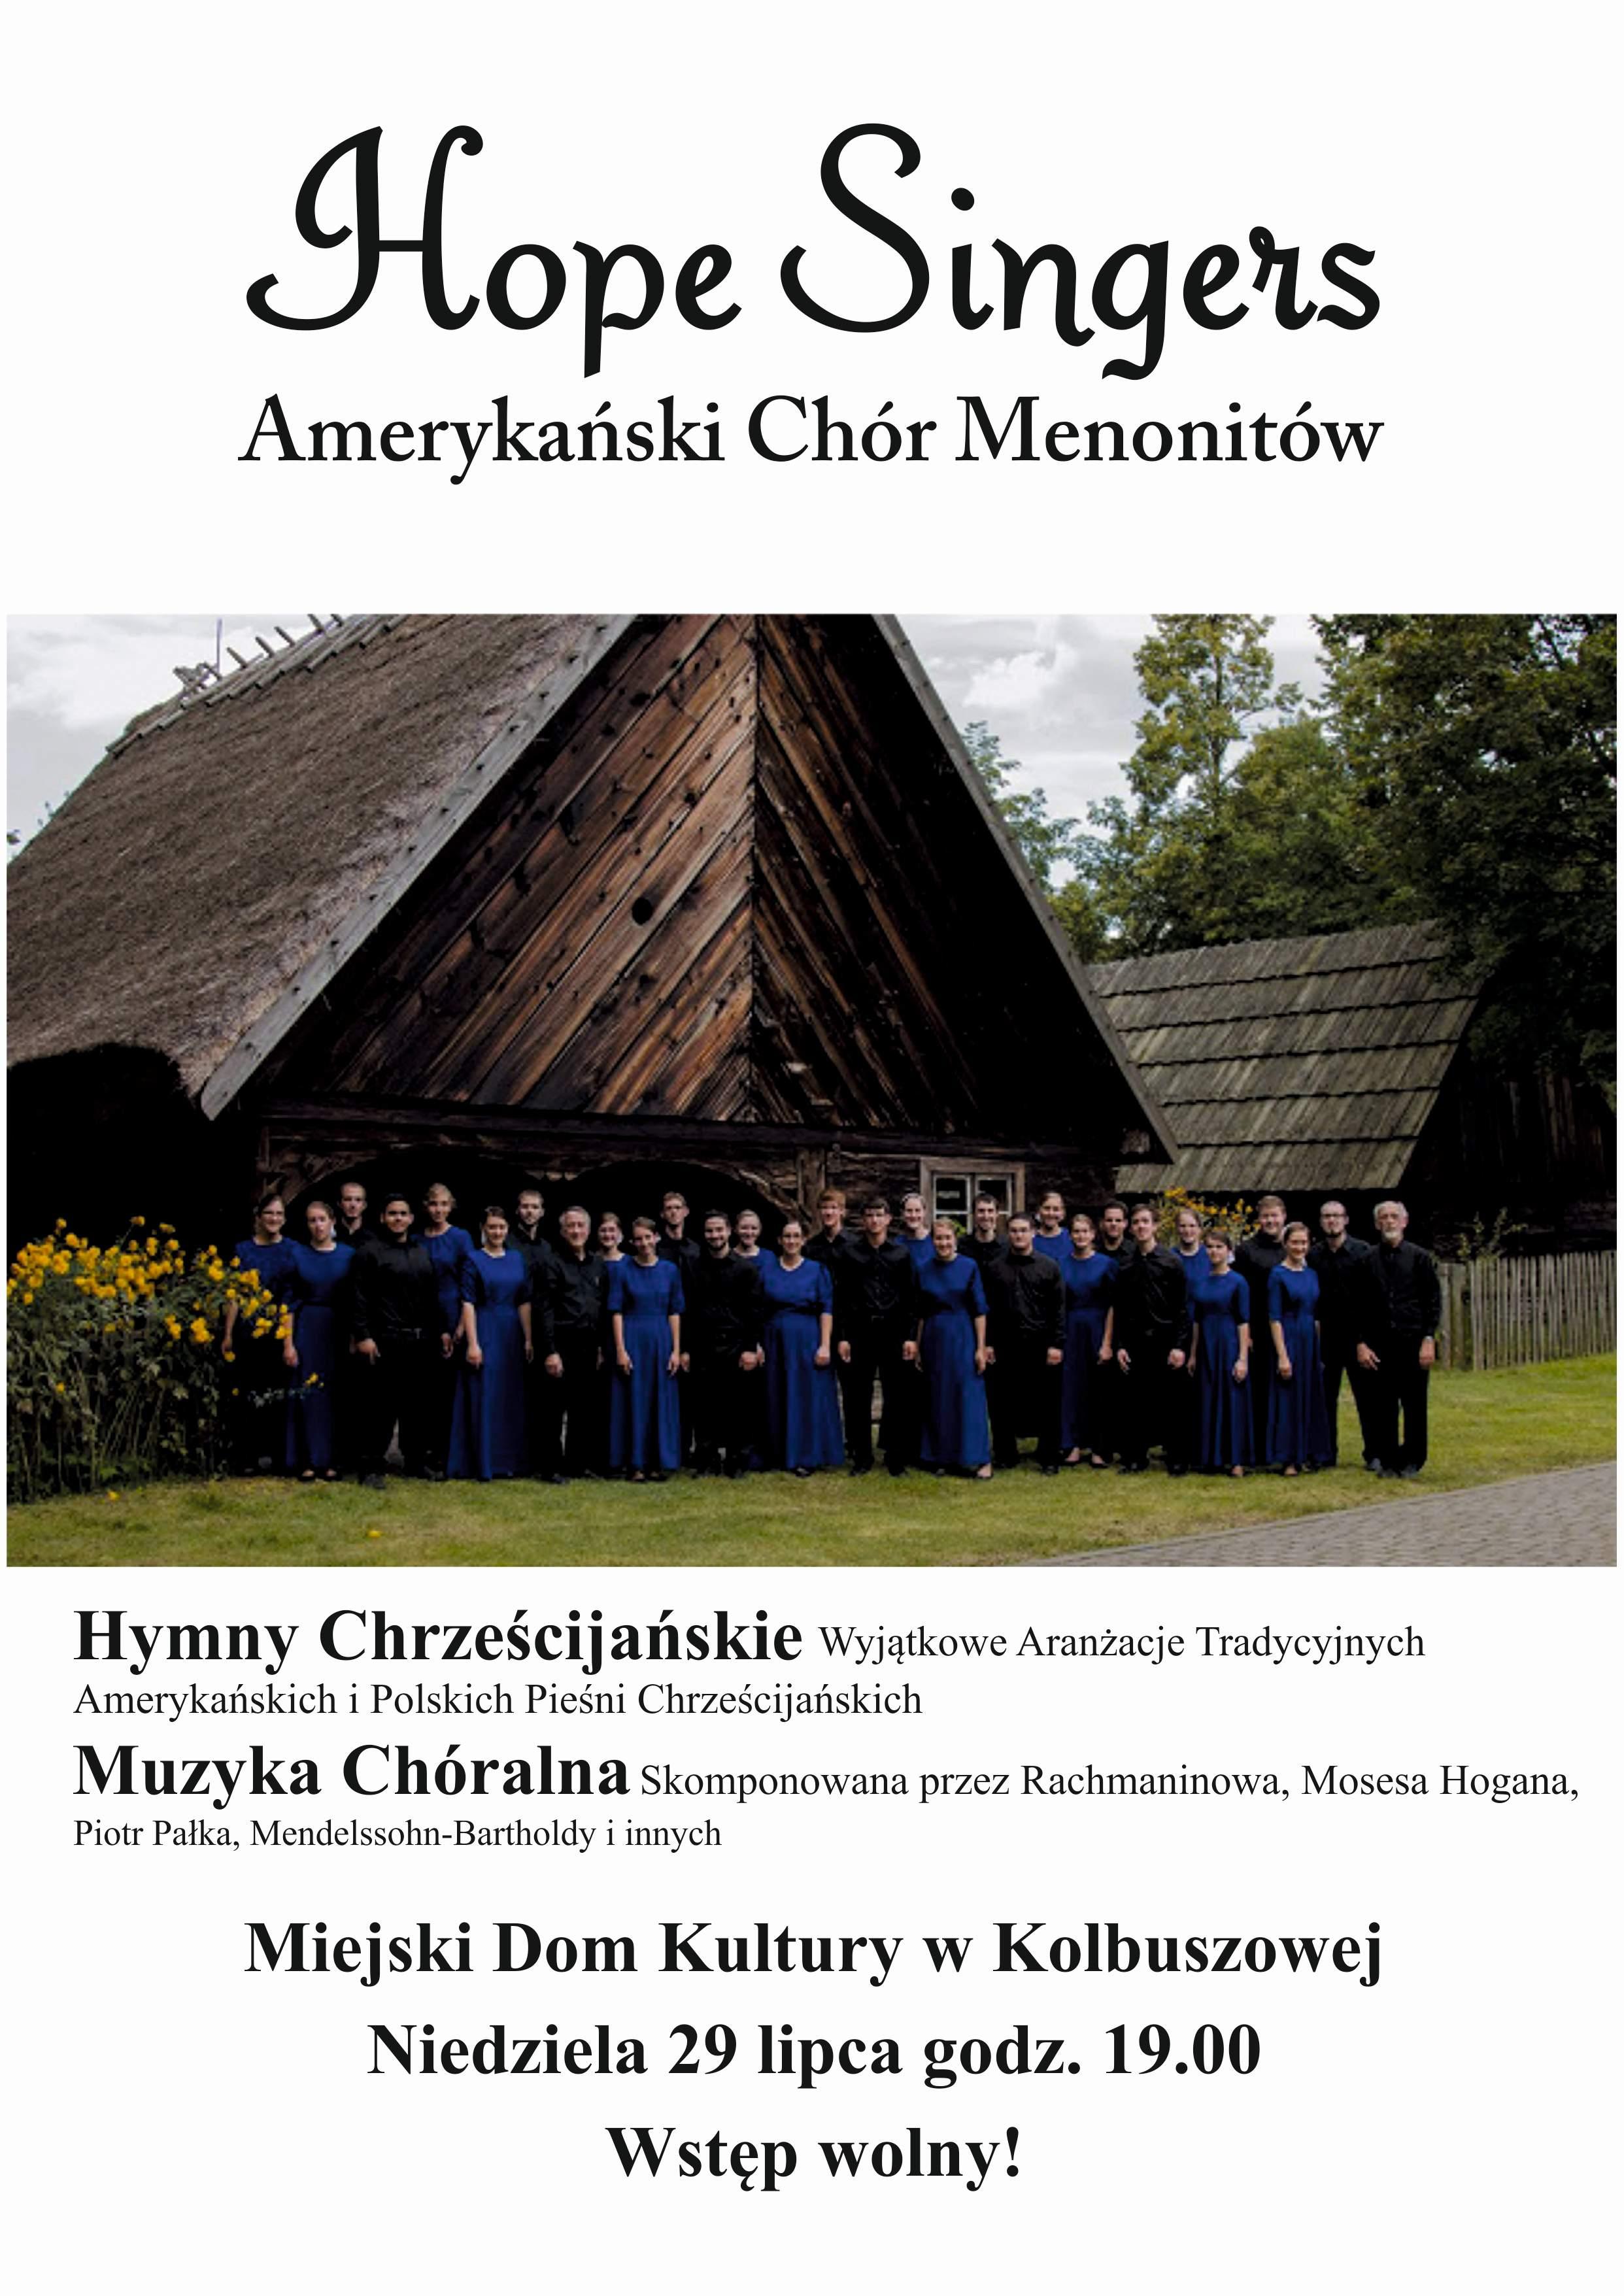 Amerykański chór The Hope Singers wystąpi w Kolbuszowej - Zdjęcie główne